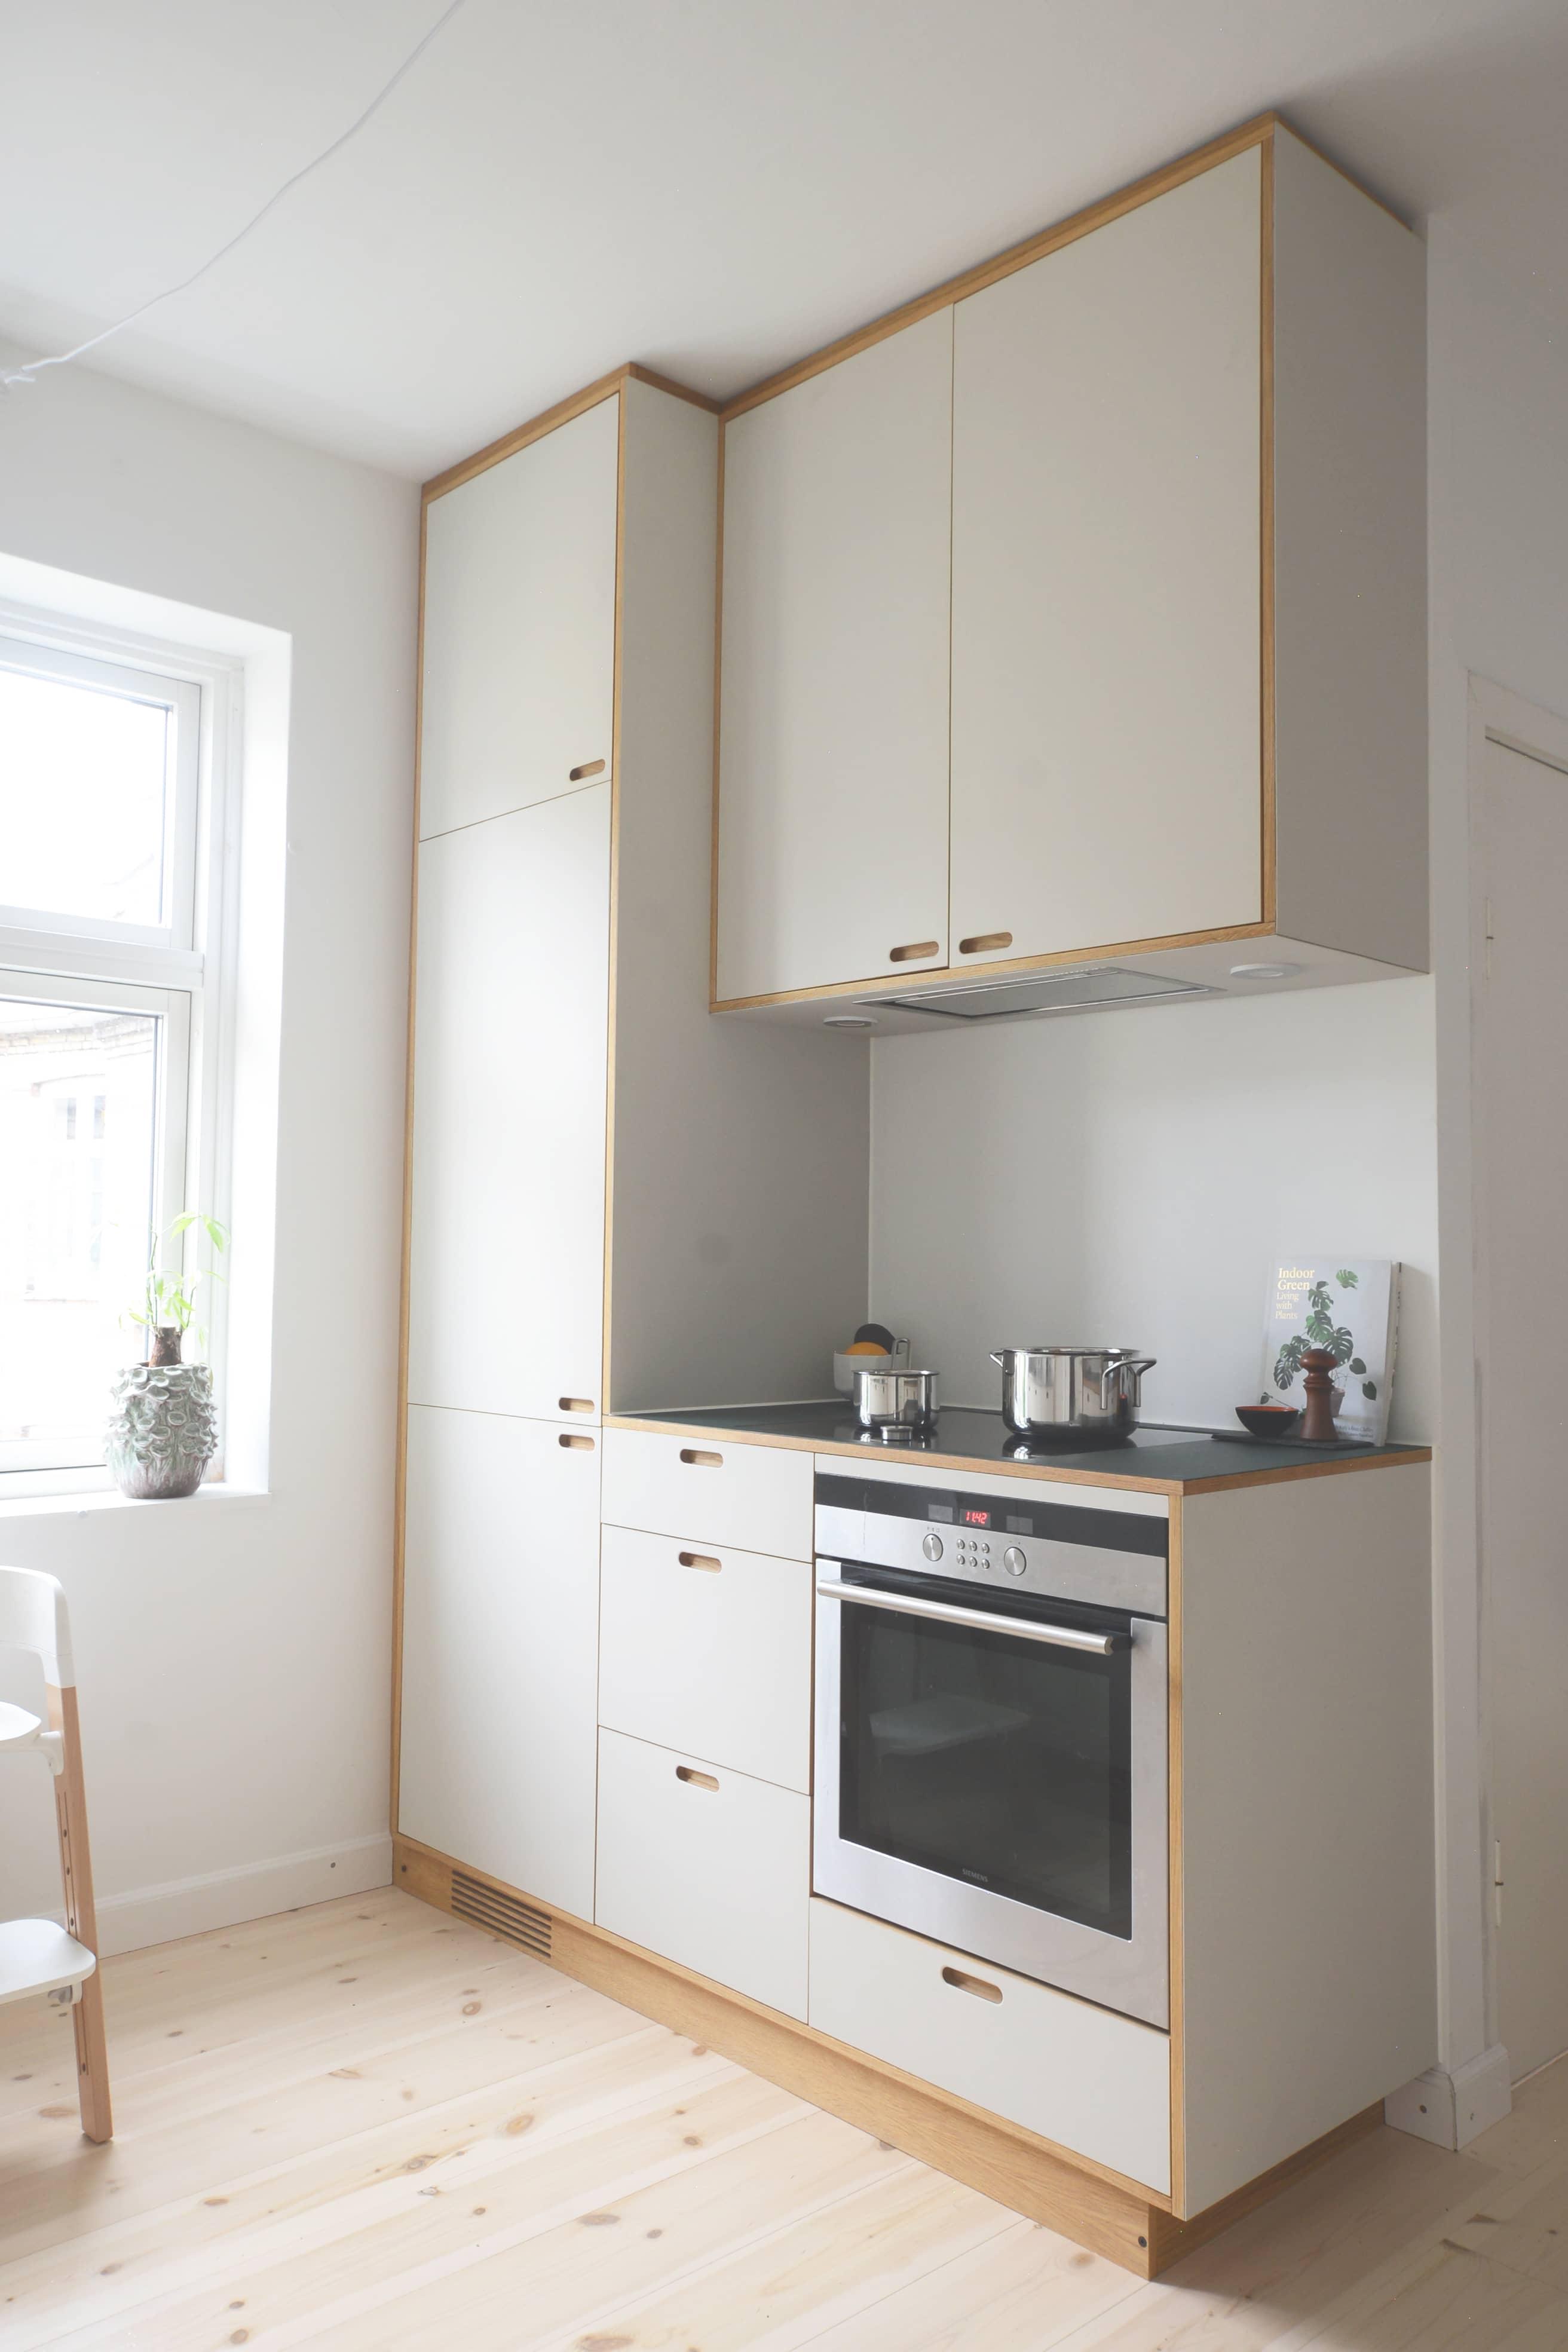 Køkken, opbevaring, skuffer, linoleum og egefinér